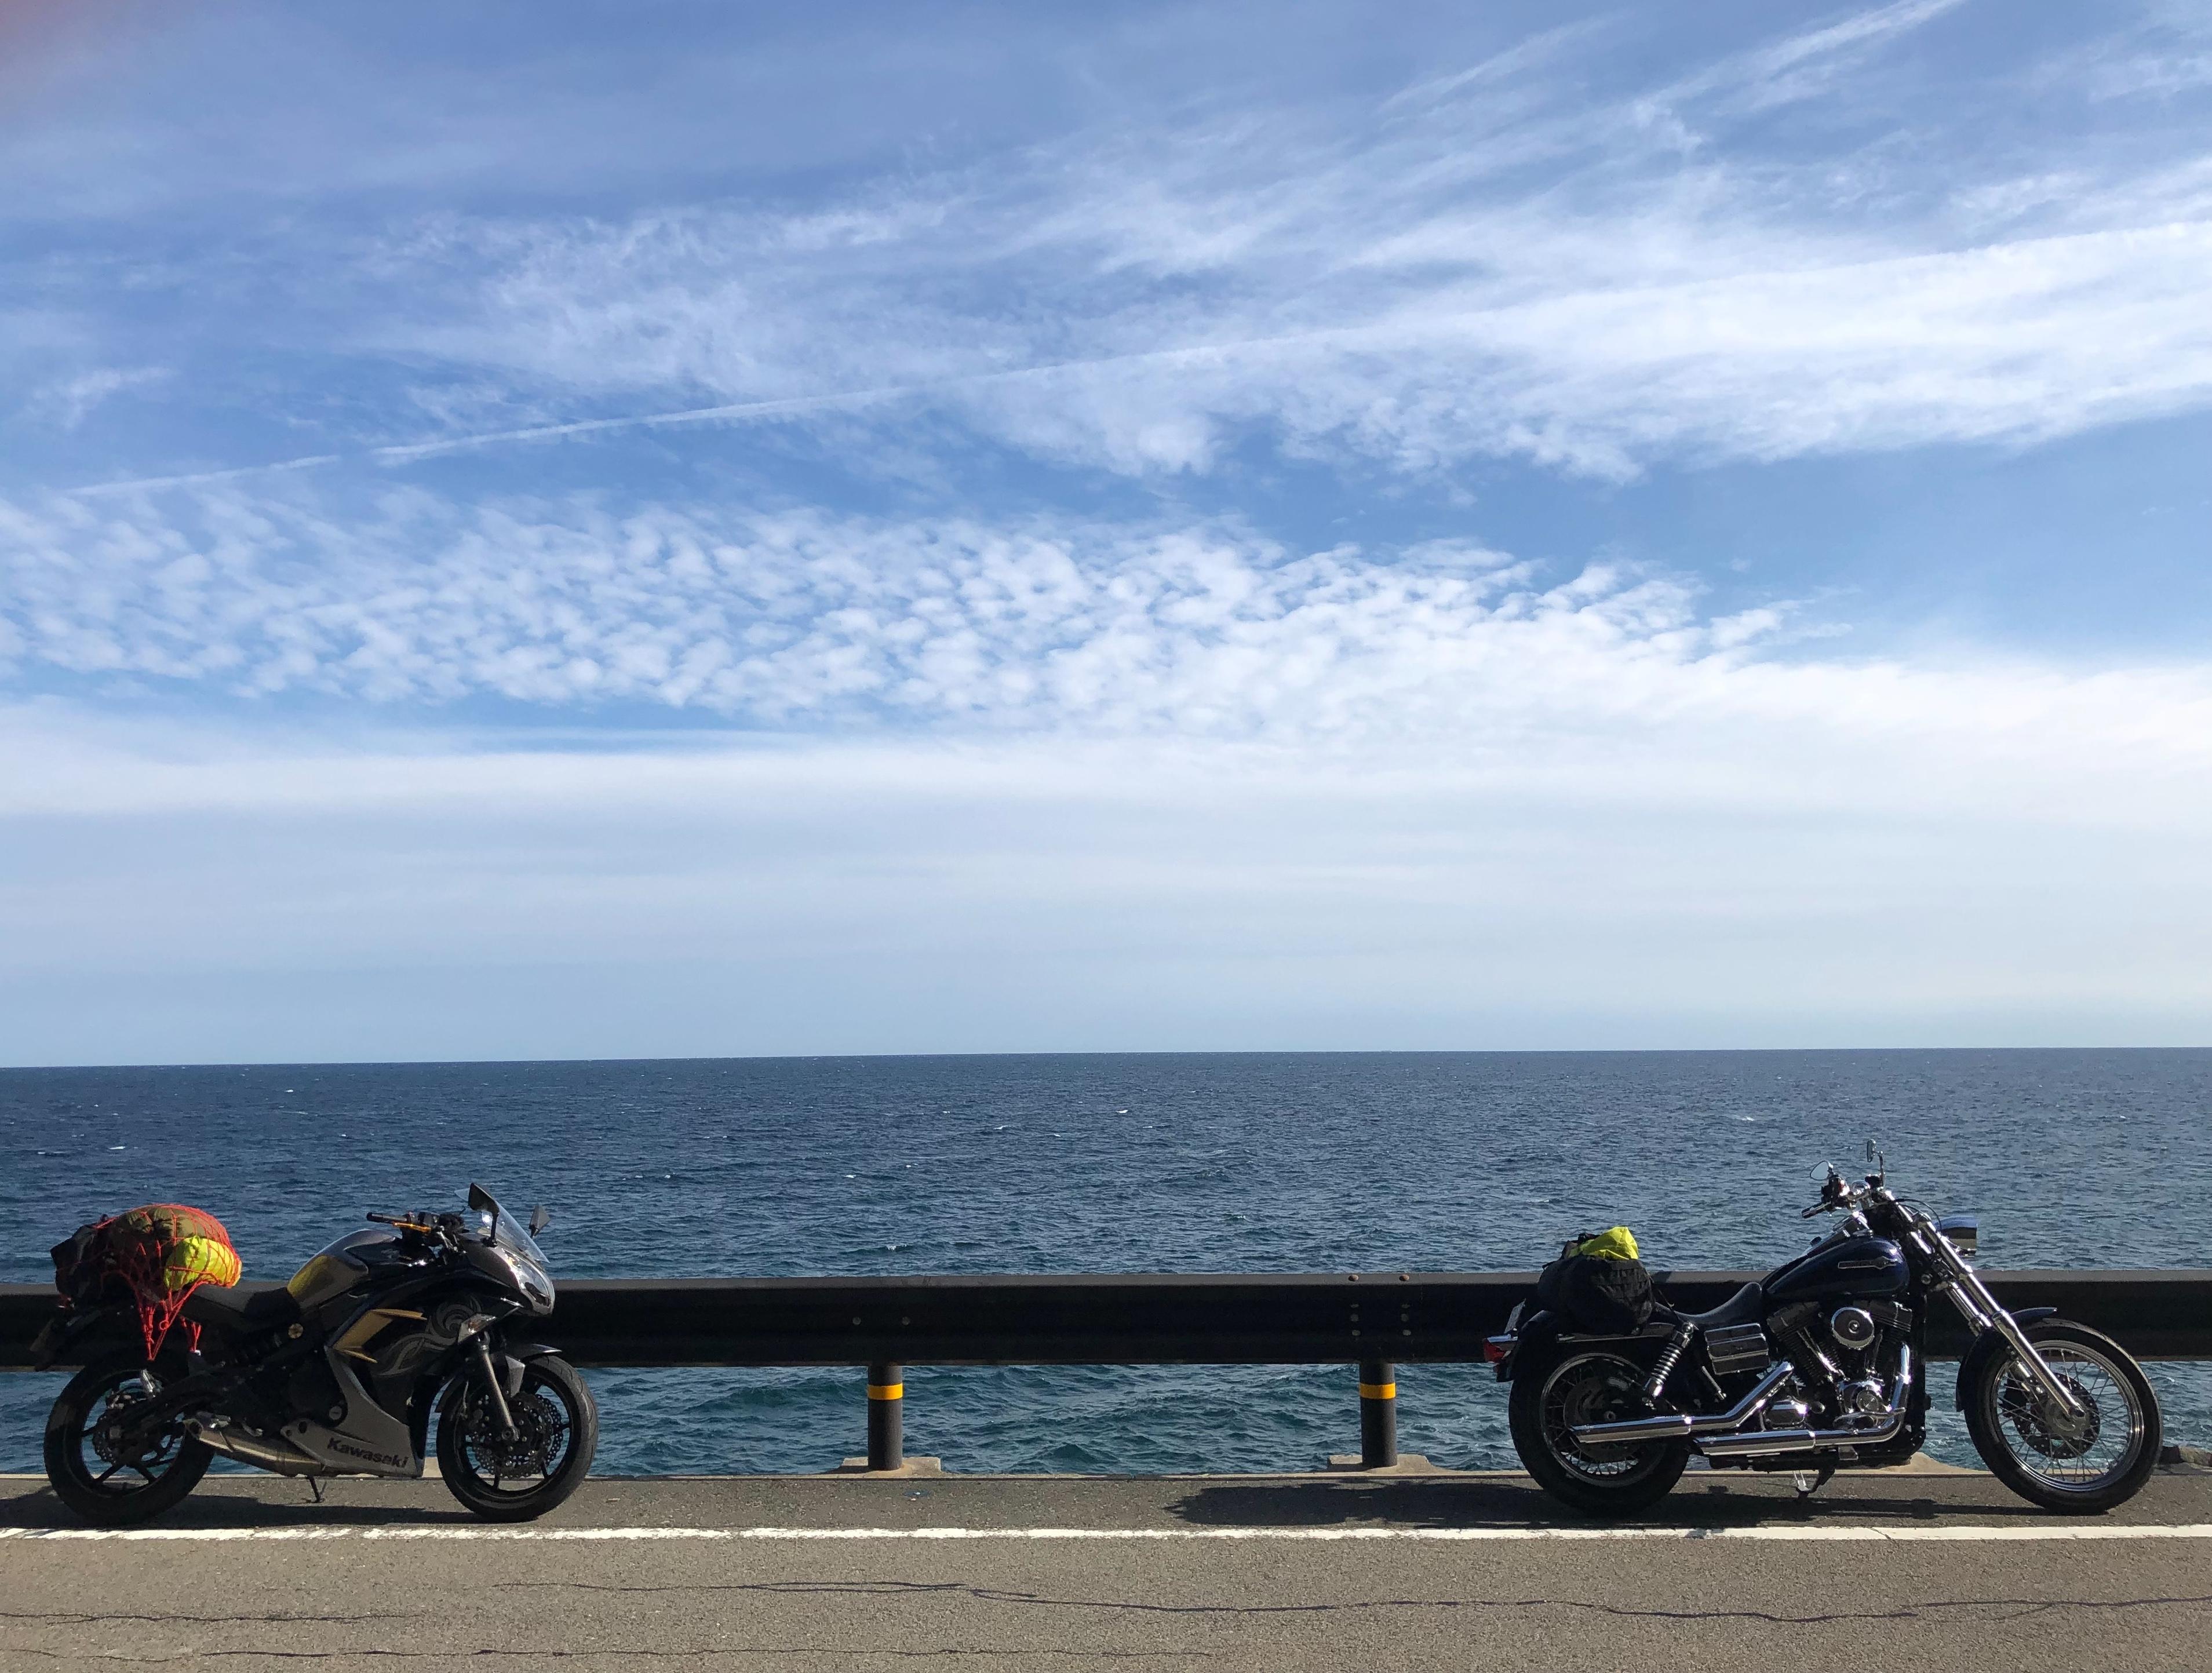 ぴーきち&ダイナ ハーレーで行く 室戸岬 ツーリング 高知の海岸線